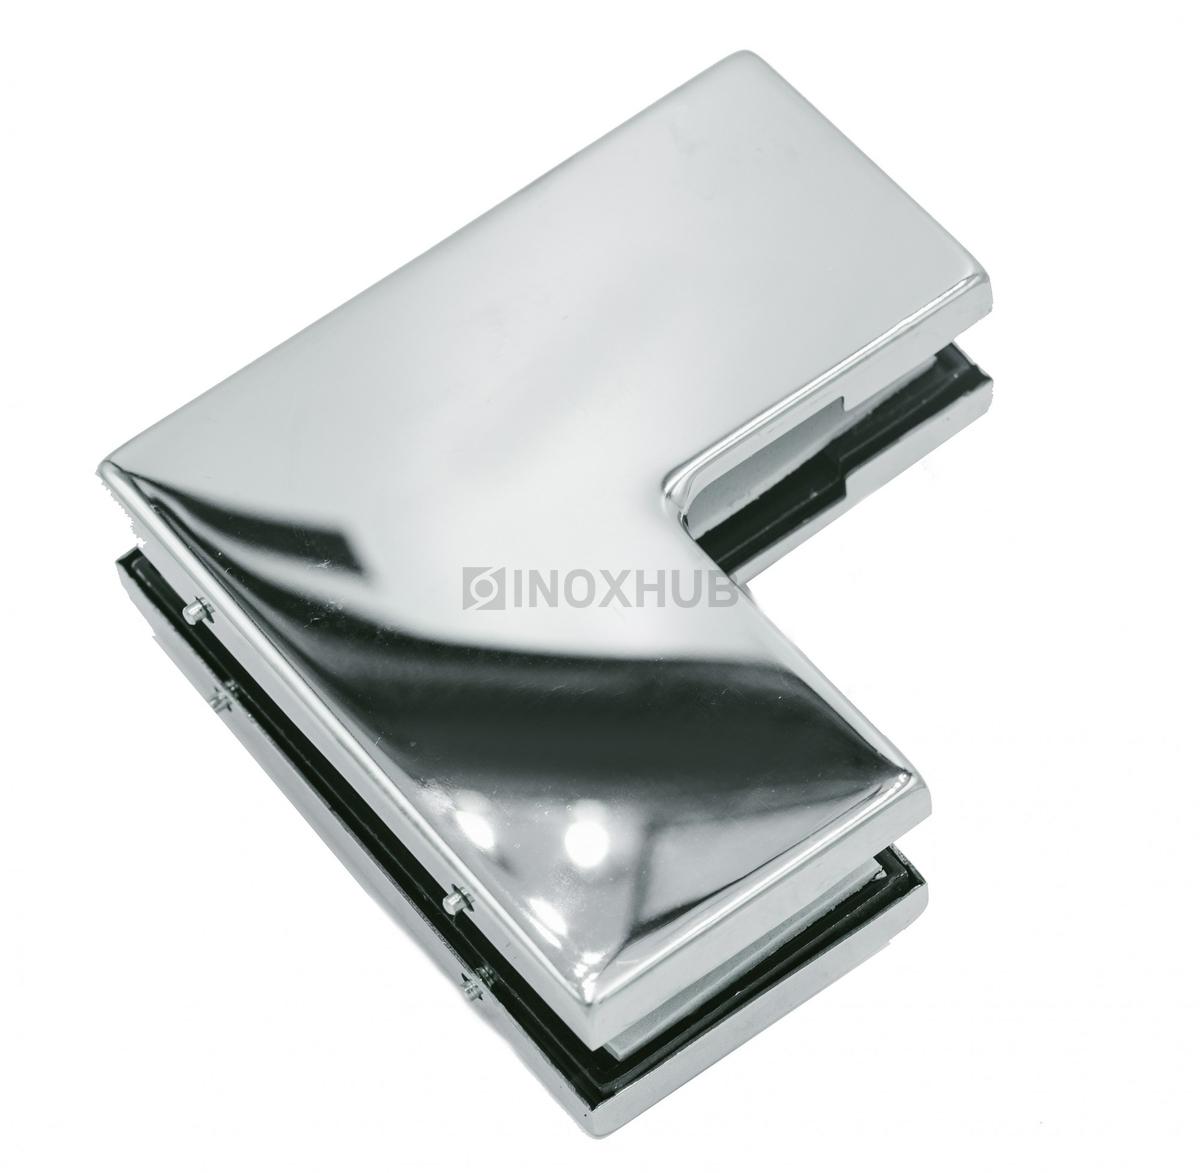 Фитинг угловой (160 PSS) большой, стекло 10-12 мм, нерж. сталь полированная